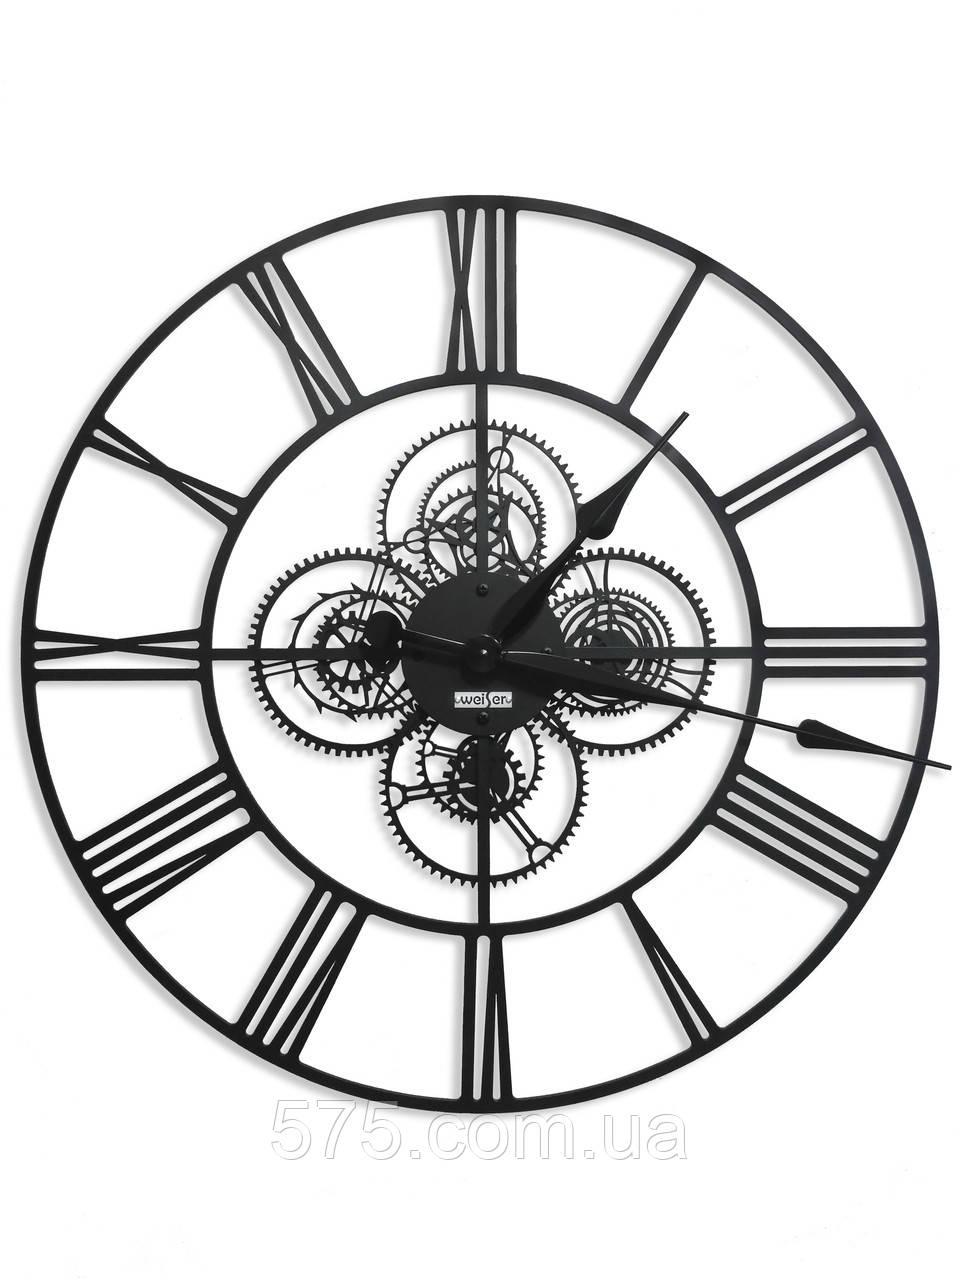 Часы настенные большие дизайнерские интерьерные TM Weiser WARSZAWA (600)